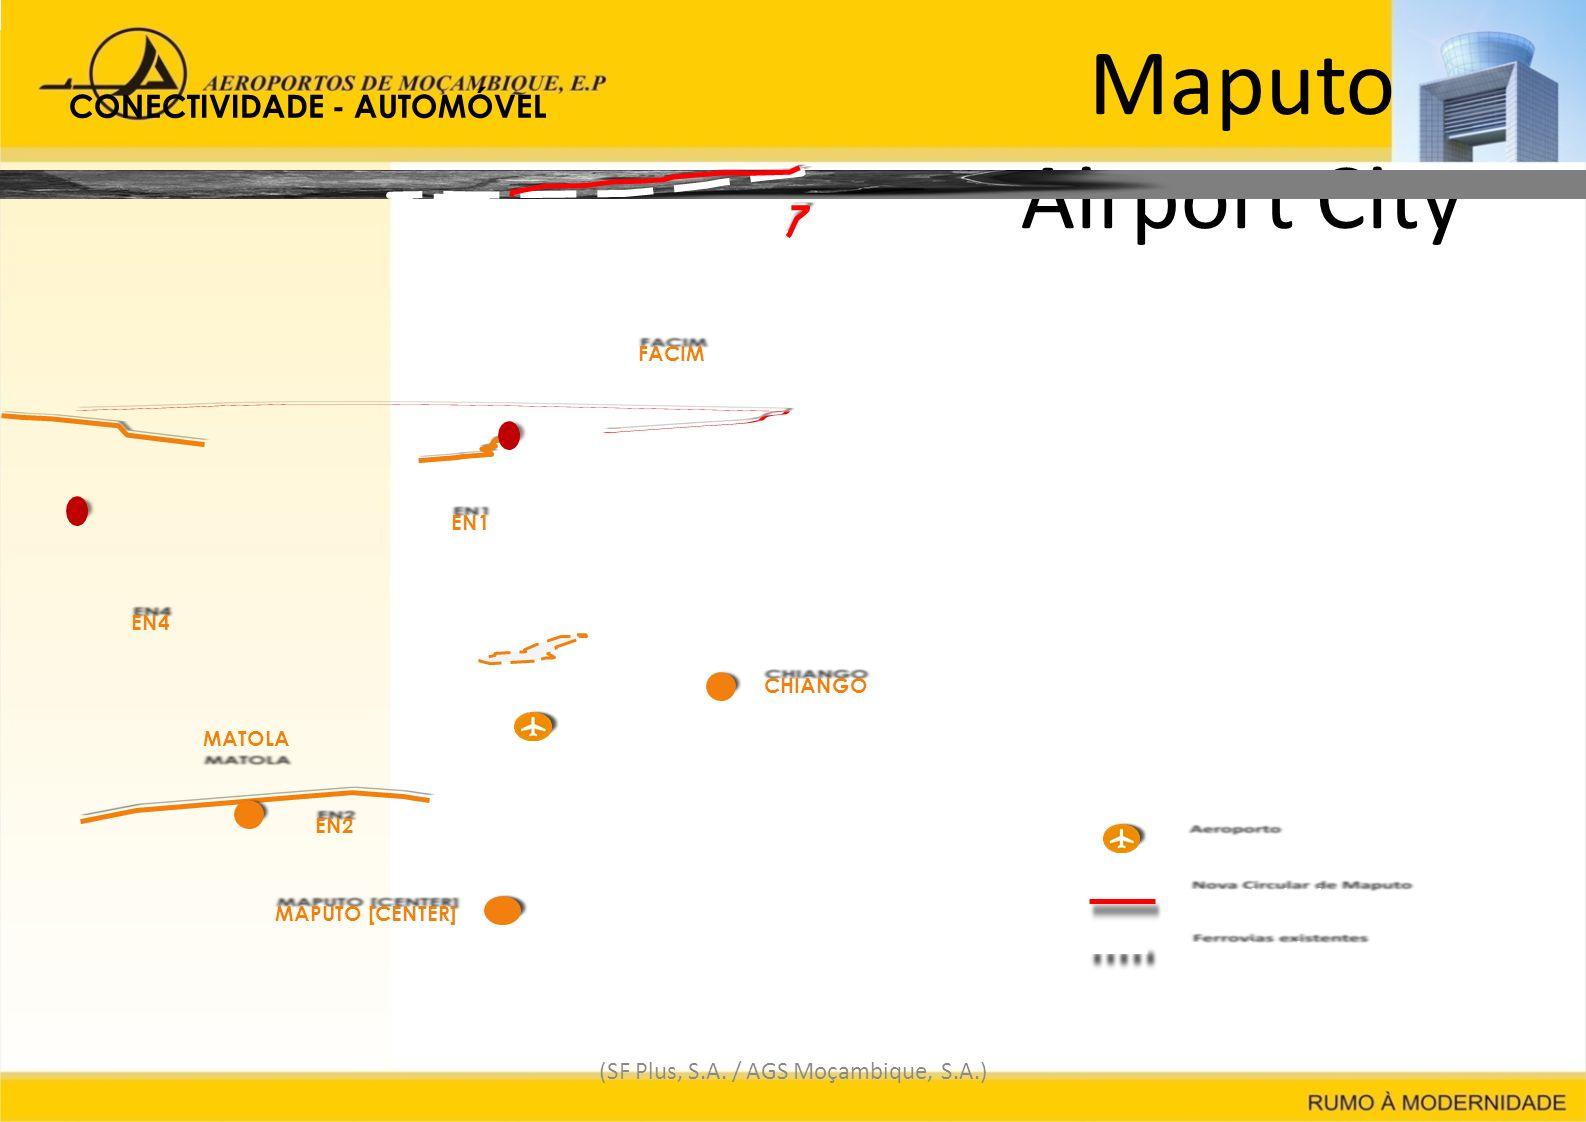 Maputo Airport City (SF Plus, S.A. / AGS Moçambique, S.A.) EN1EN1 Nova Circular de Maputo Ferrovias existentes AeroportoAeroporto MAPUTO [CENTER] EN4